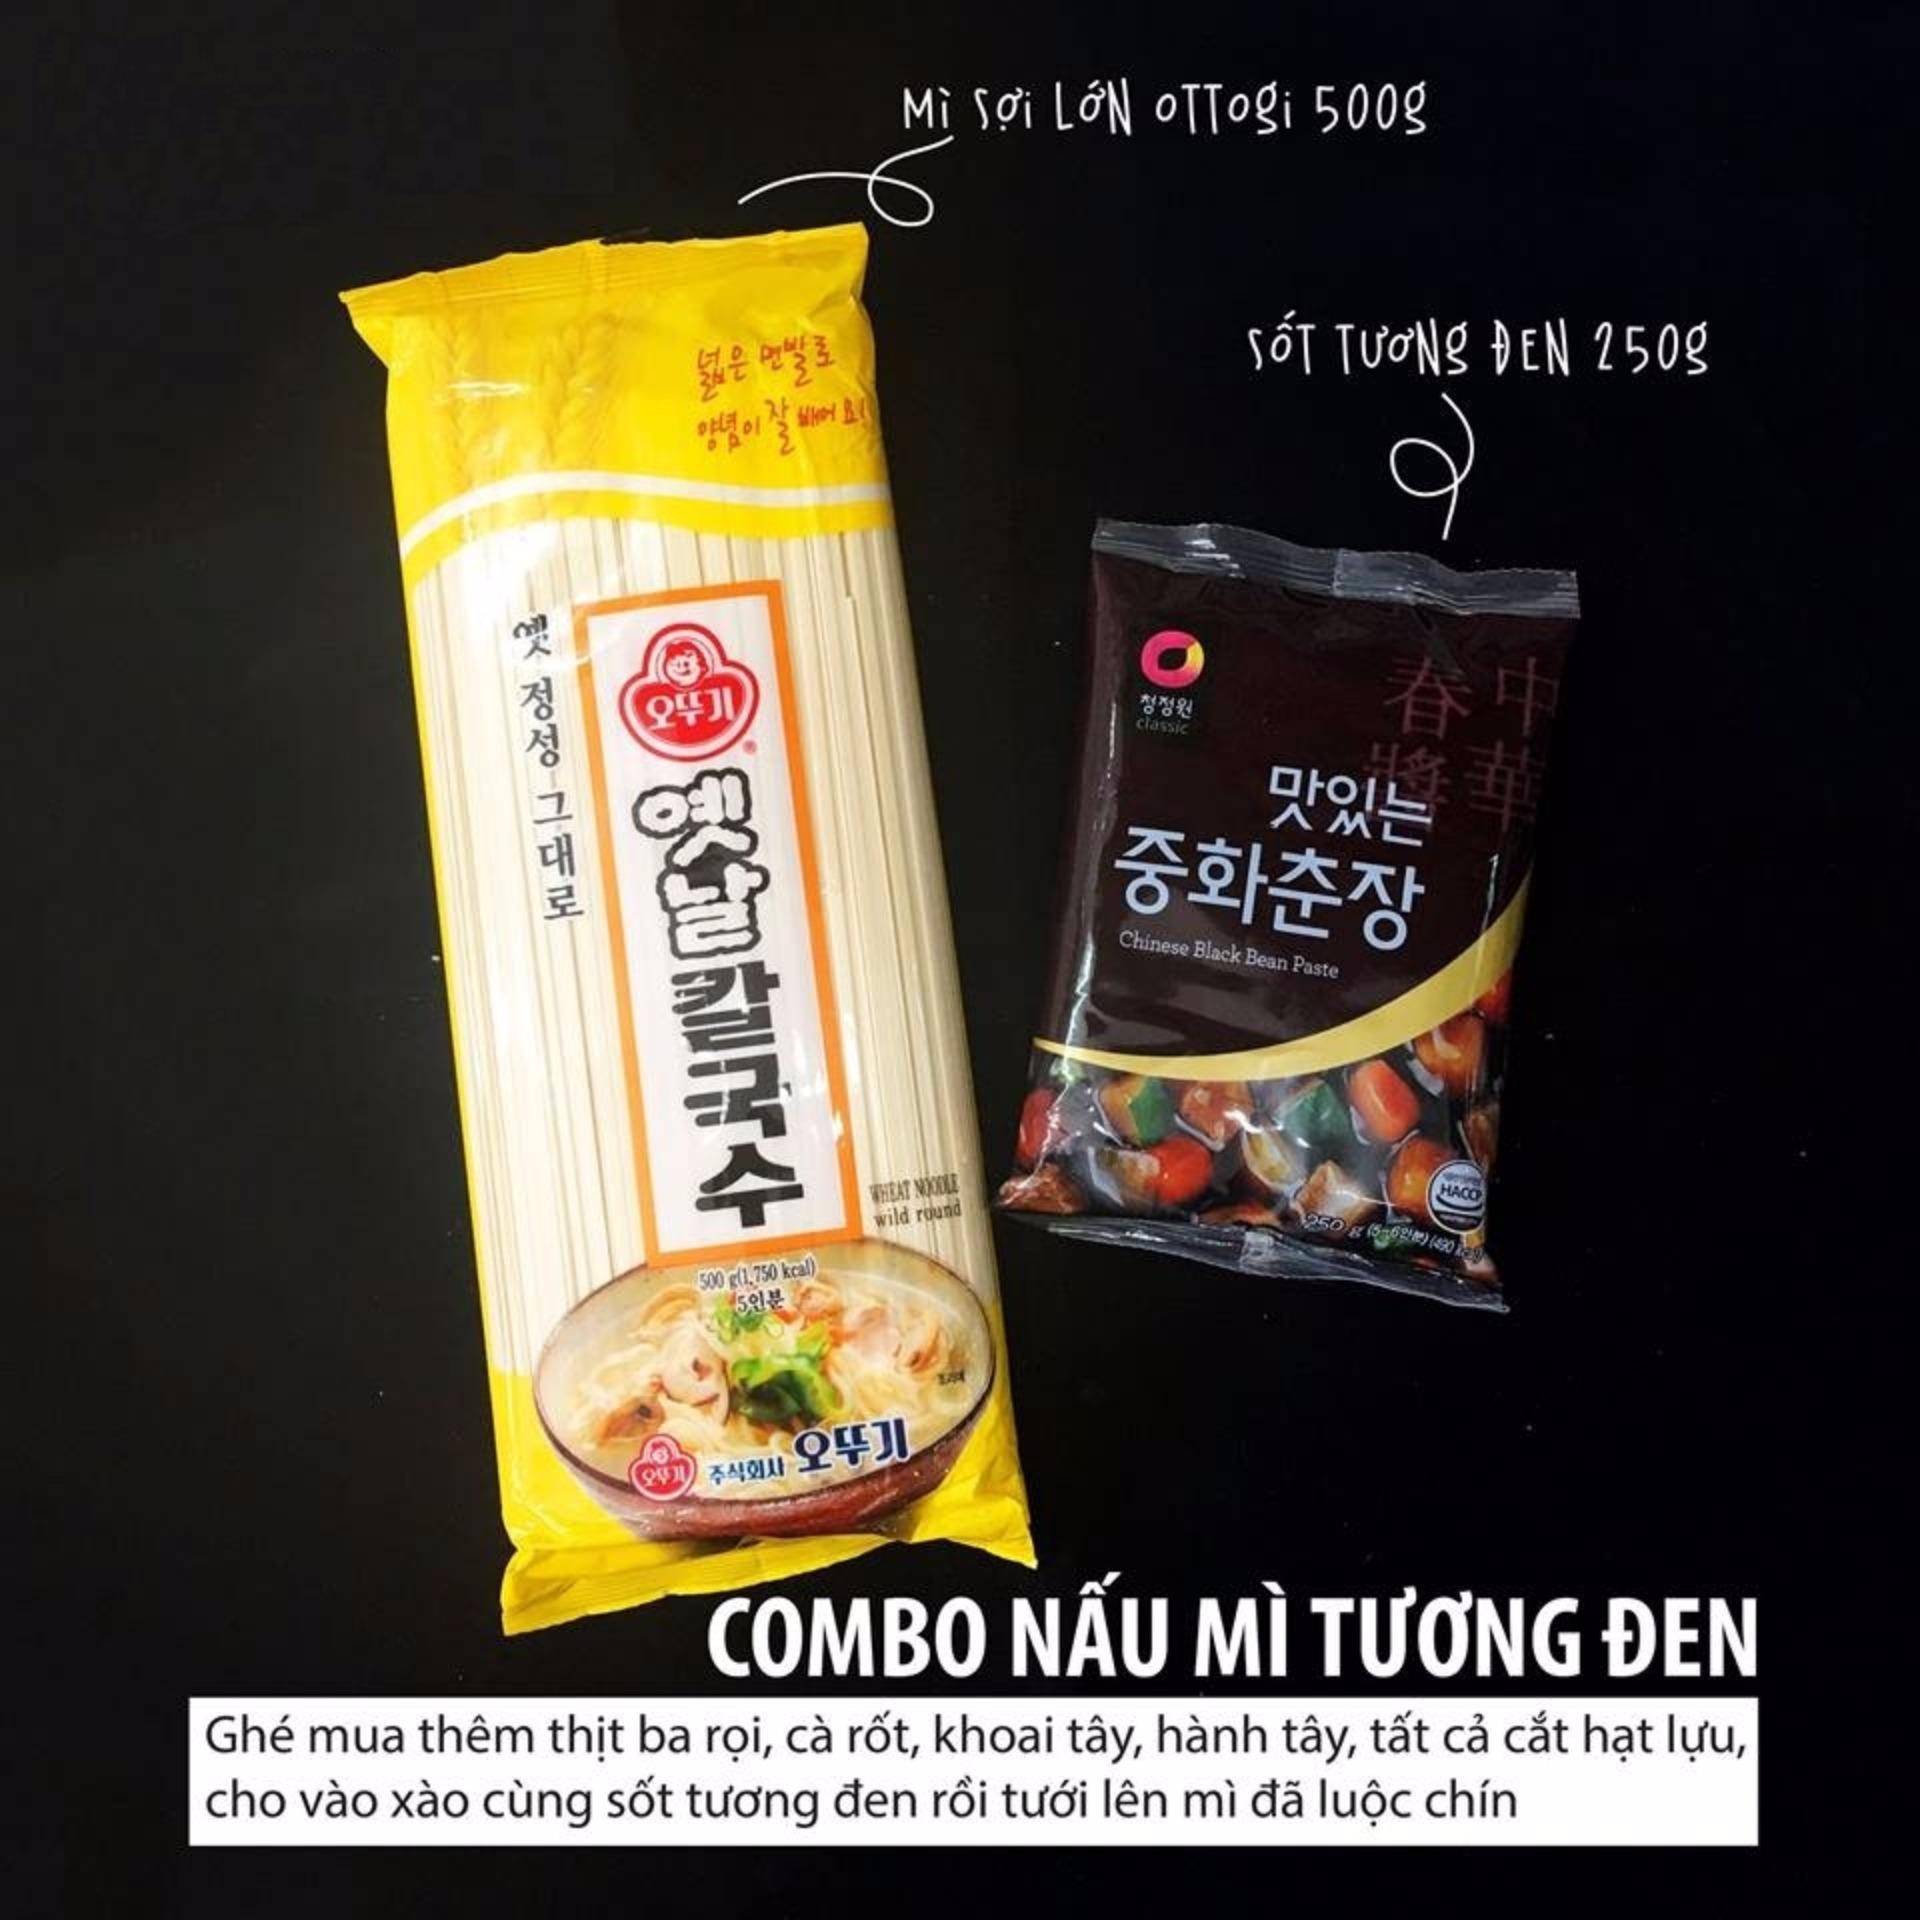 Bảng Báo Giá Combo Sốt Tương Đen 250g + Mì Sợi Lớn 500g Hàn Quốc